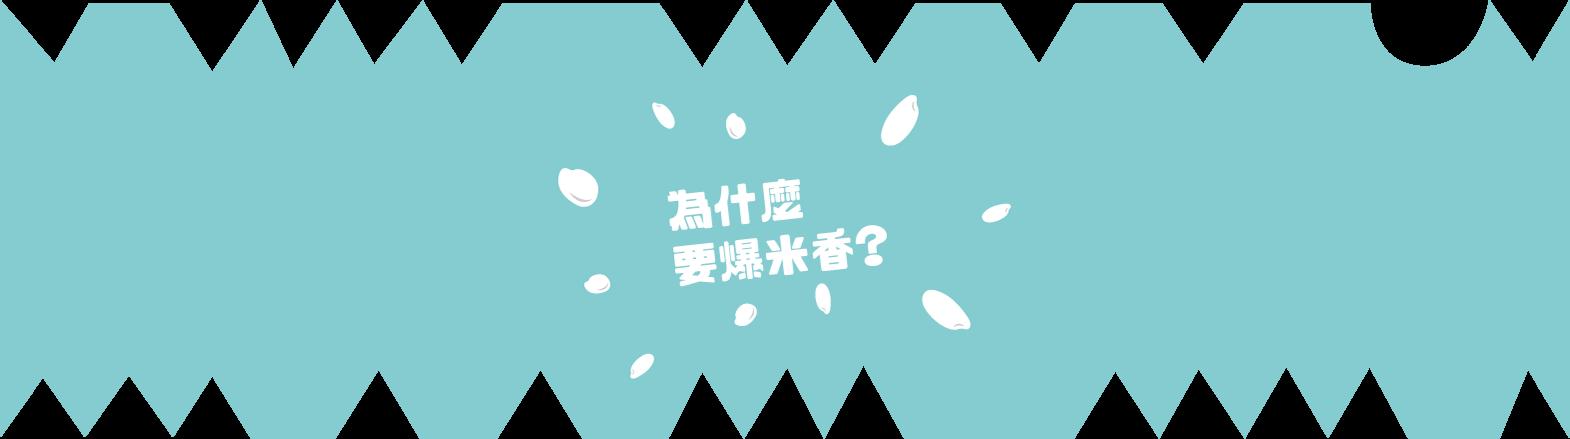 爆米香文稿WEB版2